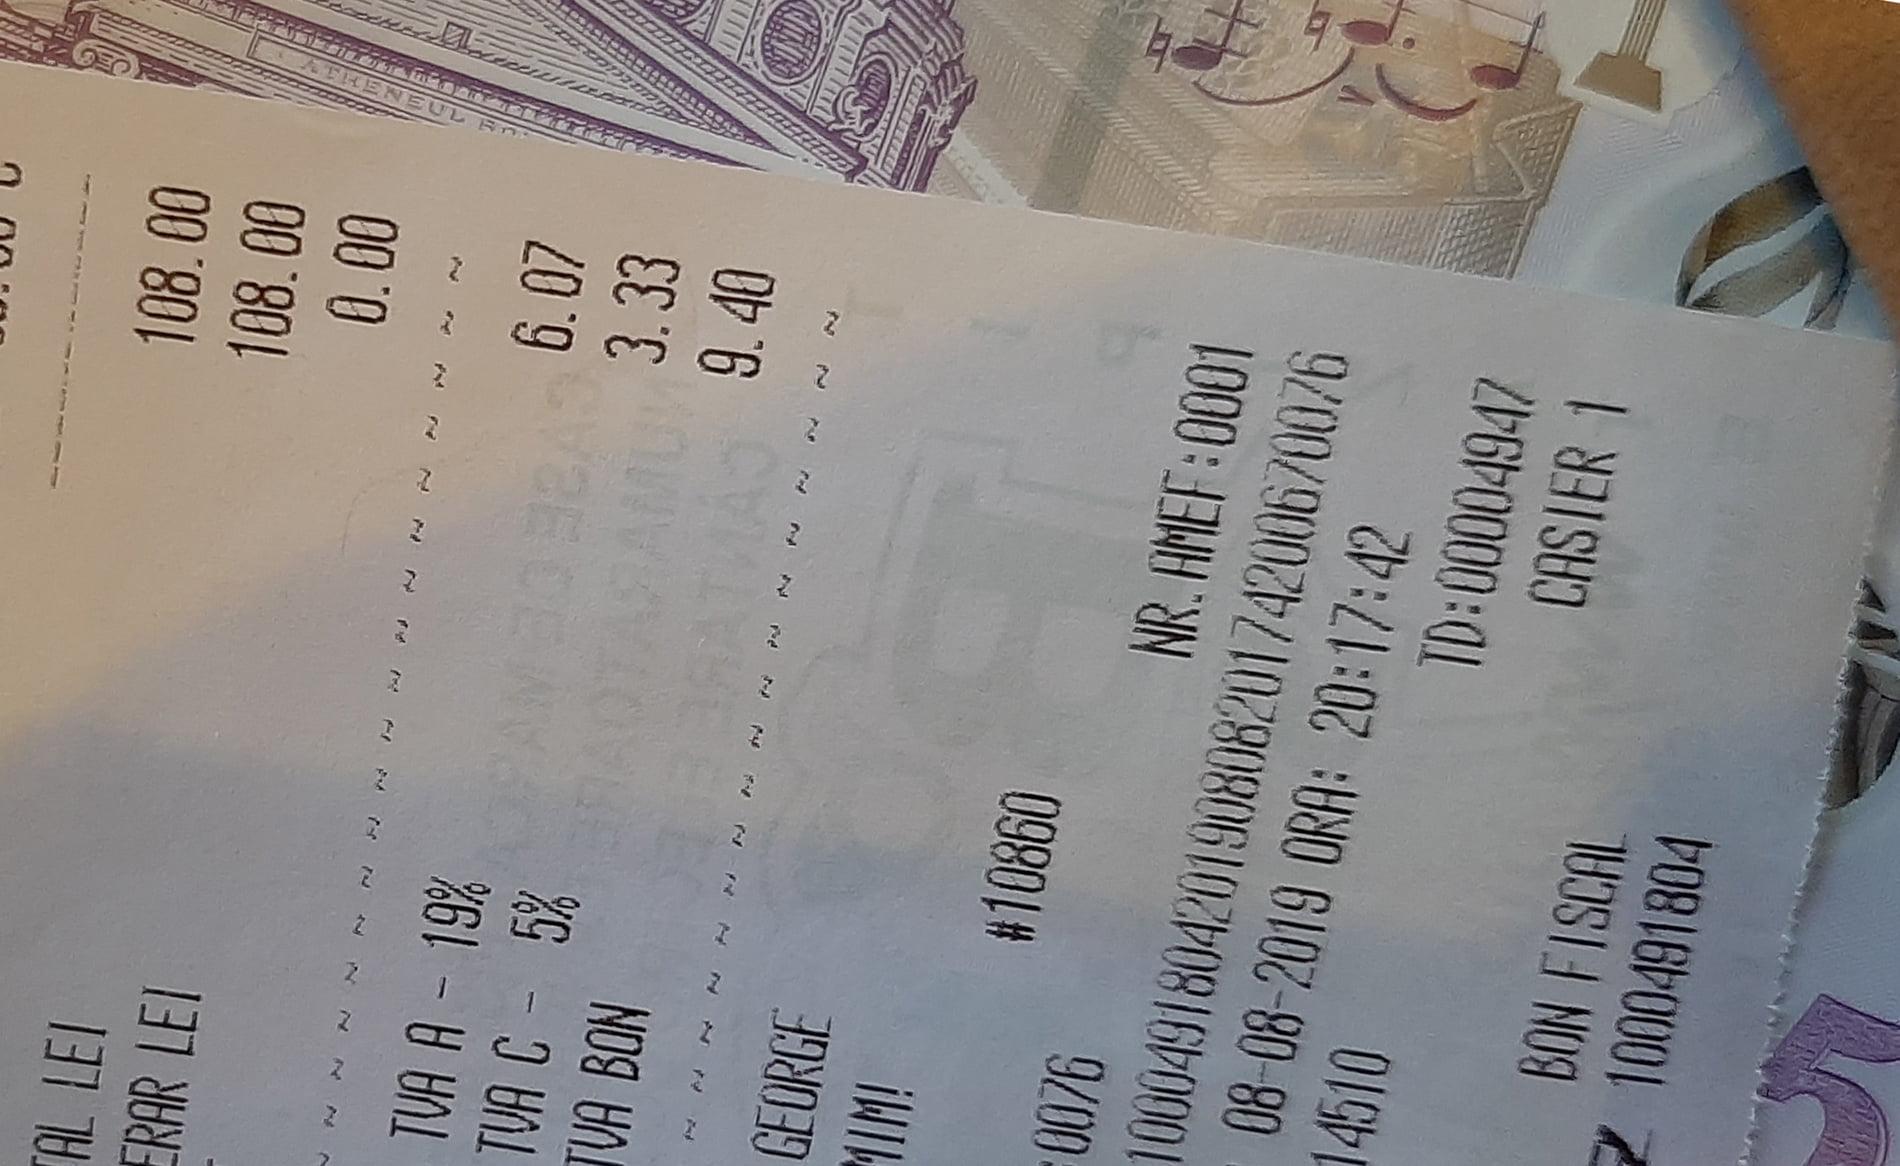 Cum se va plăti bacșișul, conform noilor reglementări ale Ministerului Finanțelor Publice